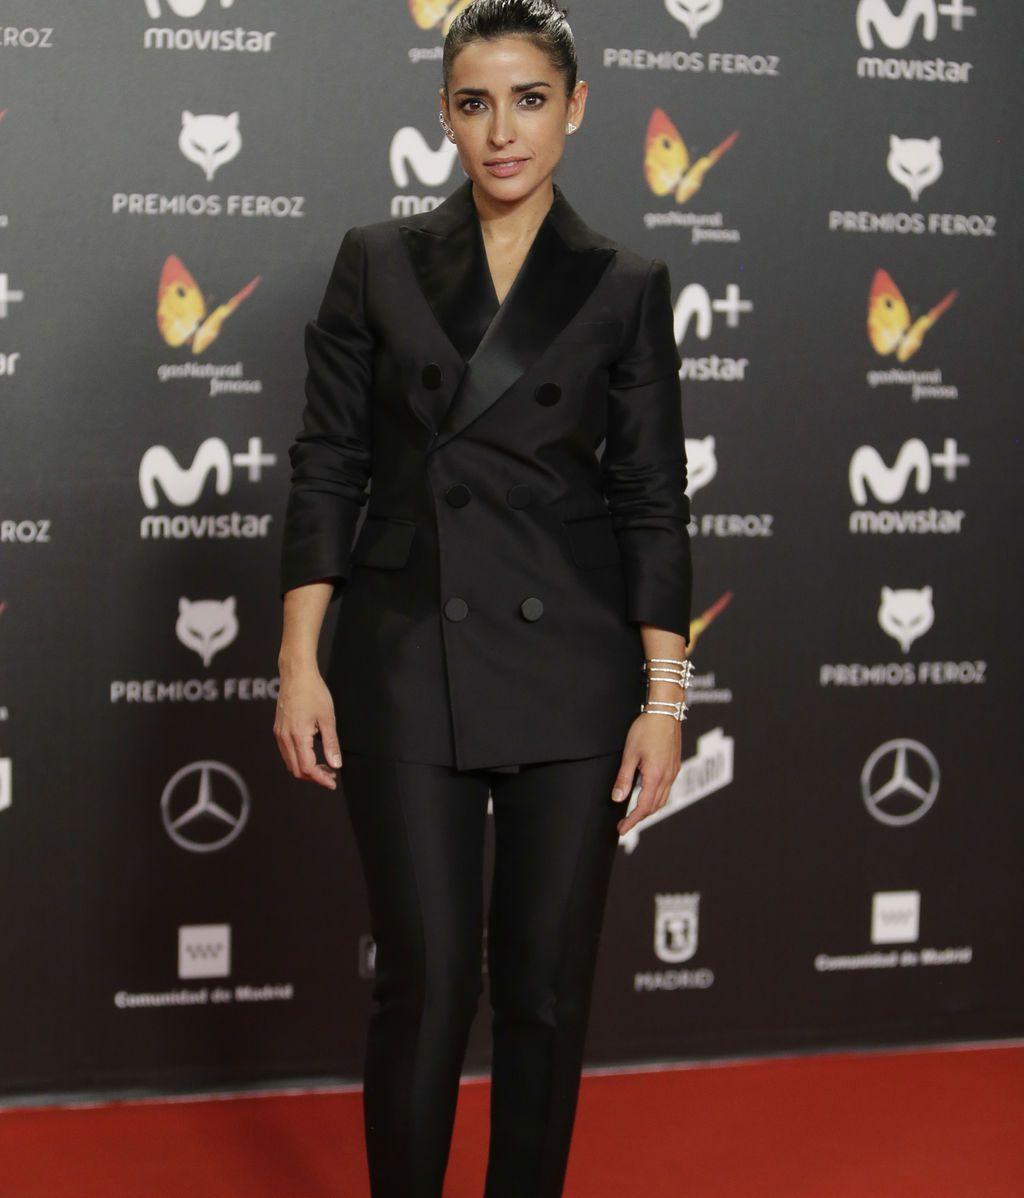 Inma Cuesta, protagonista de 'El accidente', con chaqueta cruzada